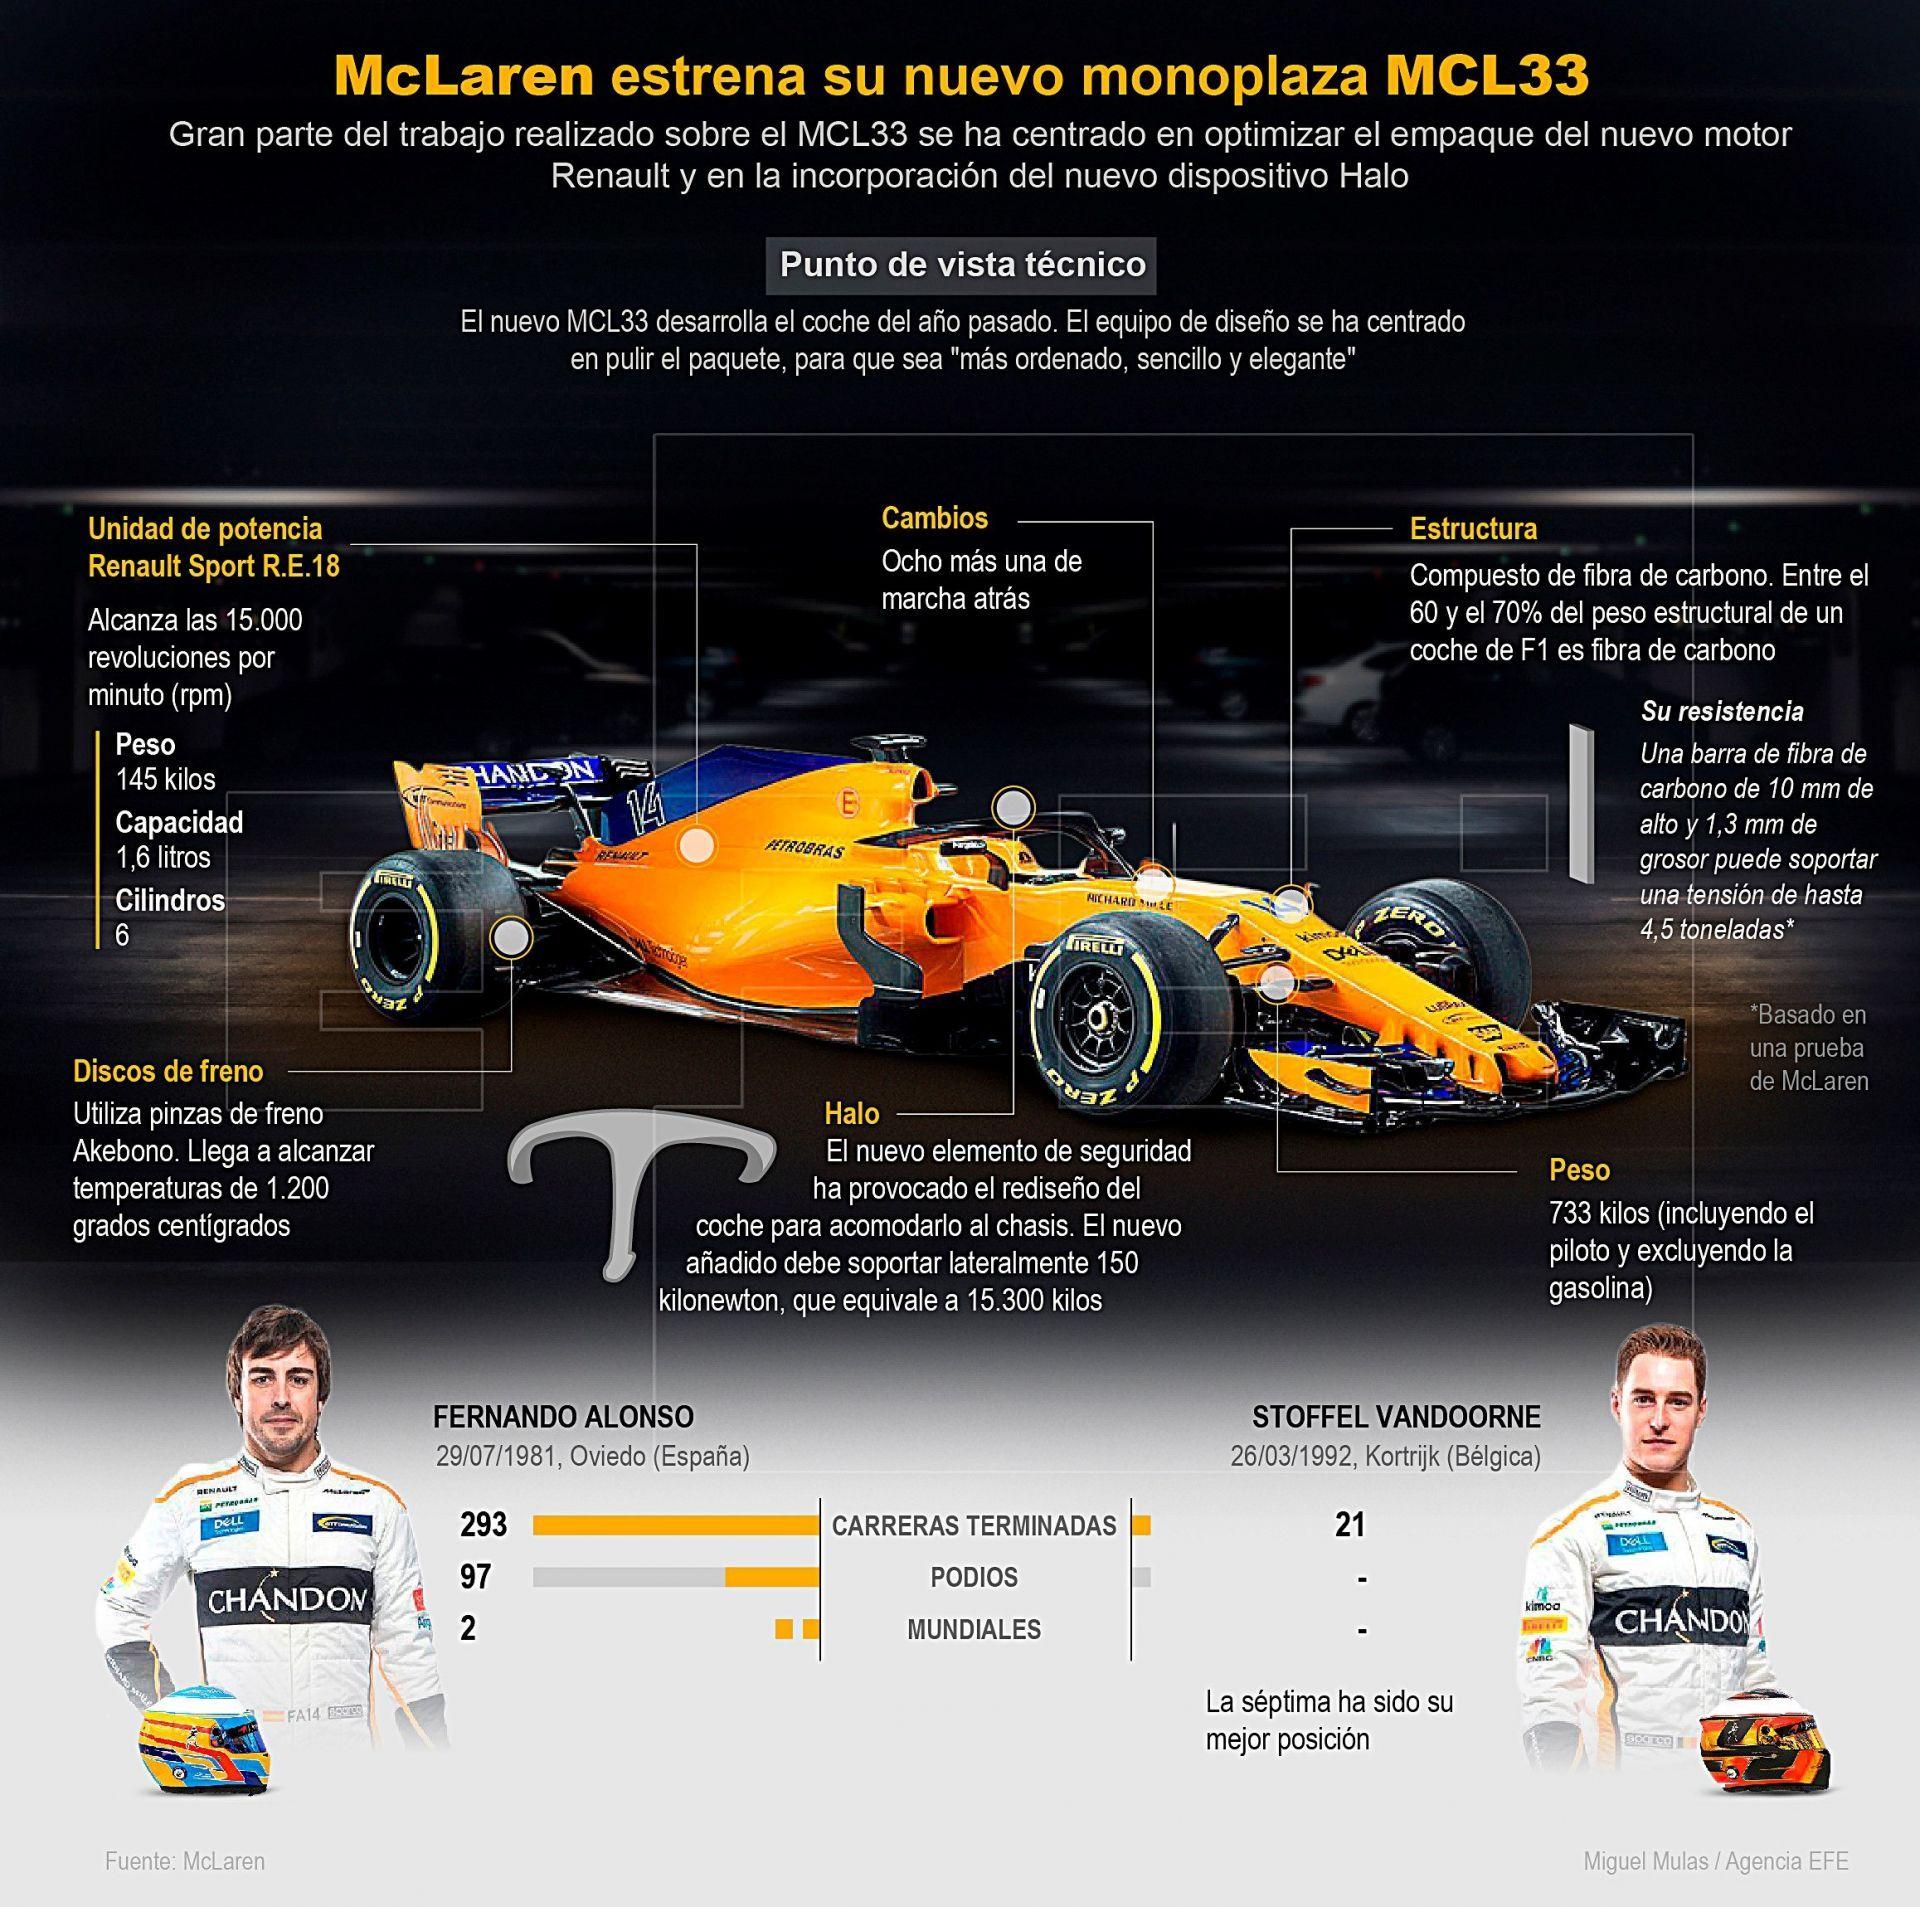 McLaren estrena su nuevo monoplaza MCL33